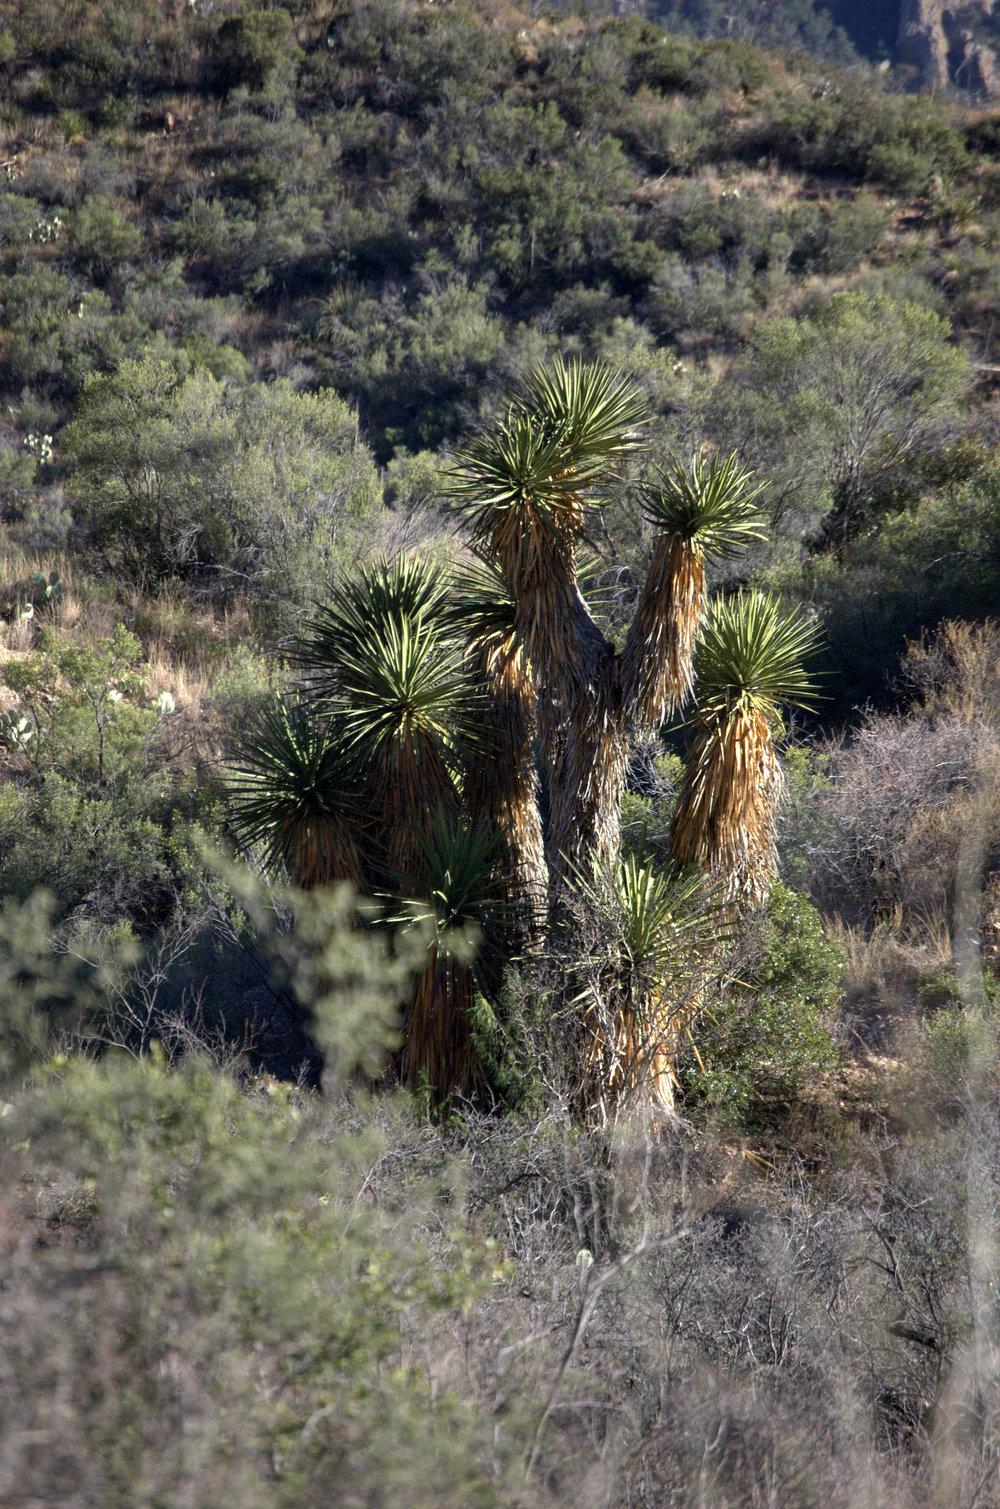 Yucca torreyi, Spanish Dagger